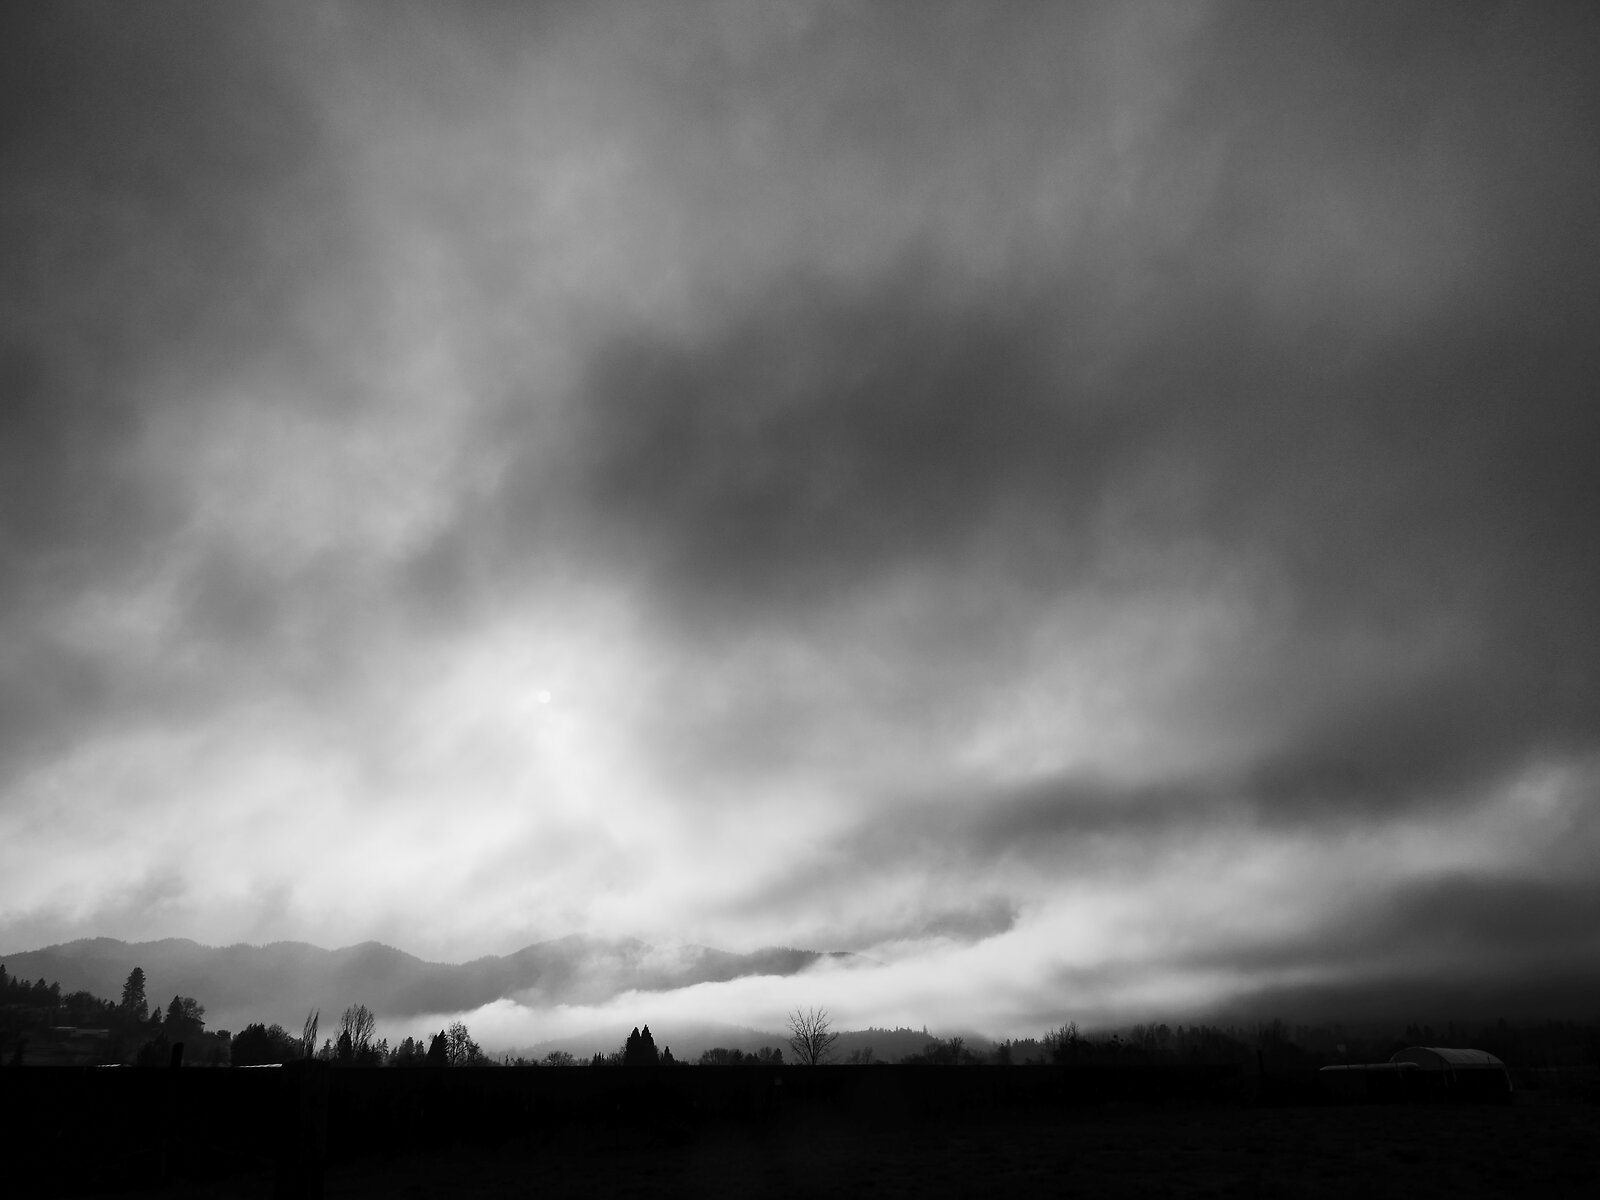 GX8_Jan18_21_clouds_over_Siskiyous.jpg